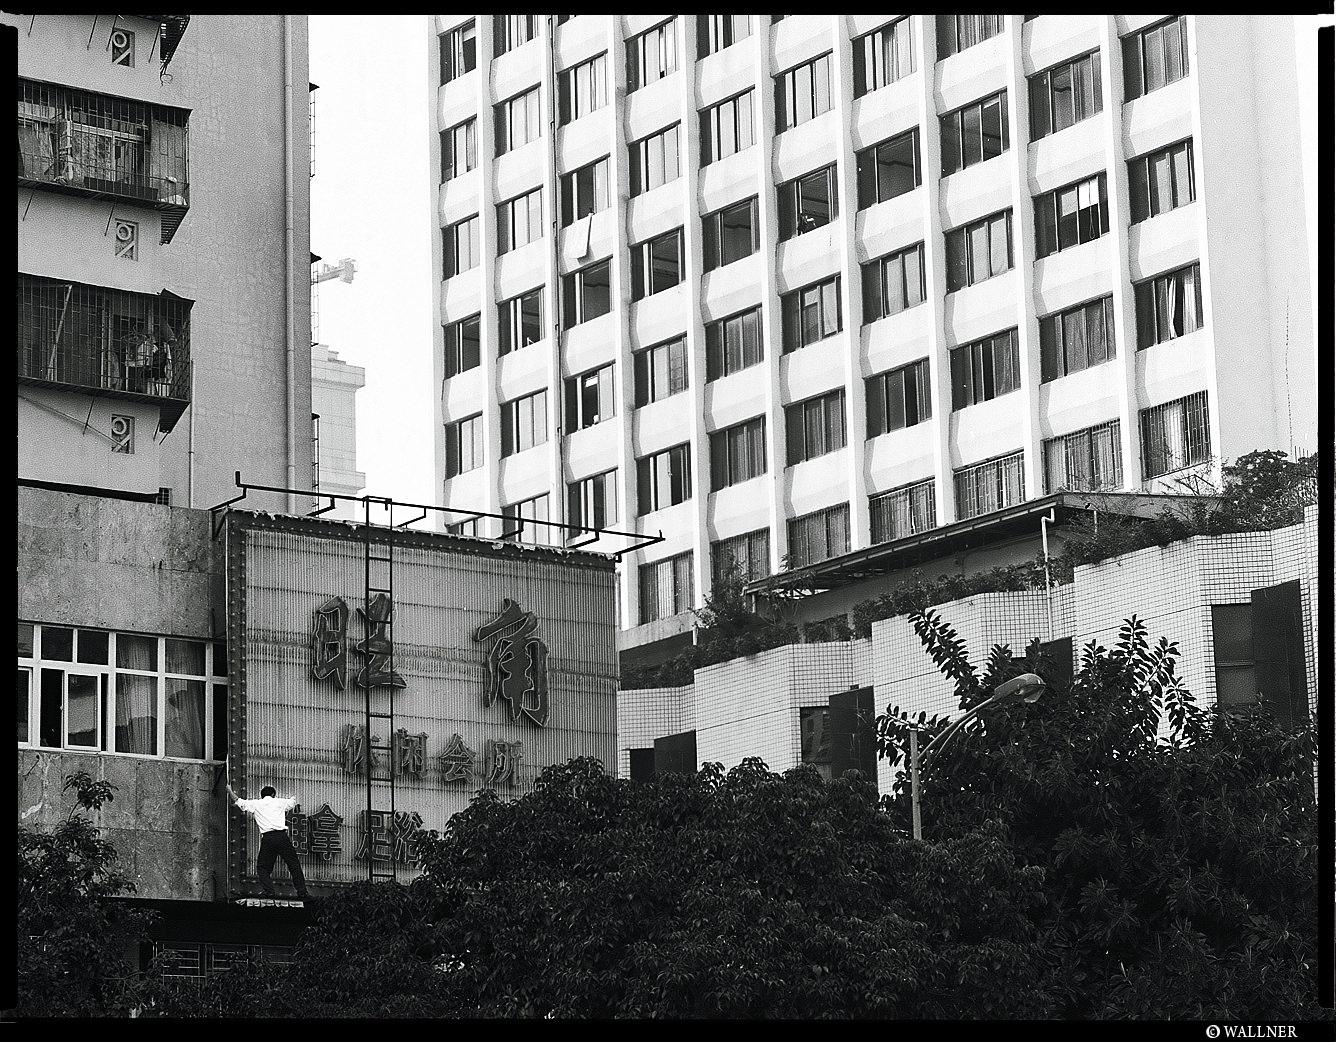 MediumFormatPatrikWallner_Shenzhen_ManSuicideLOWQ